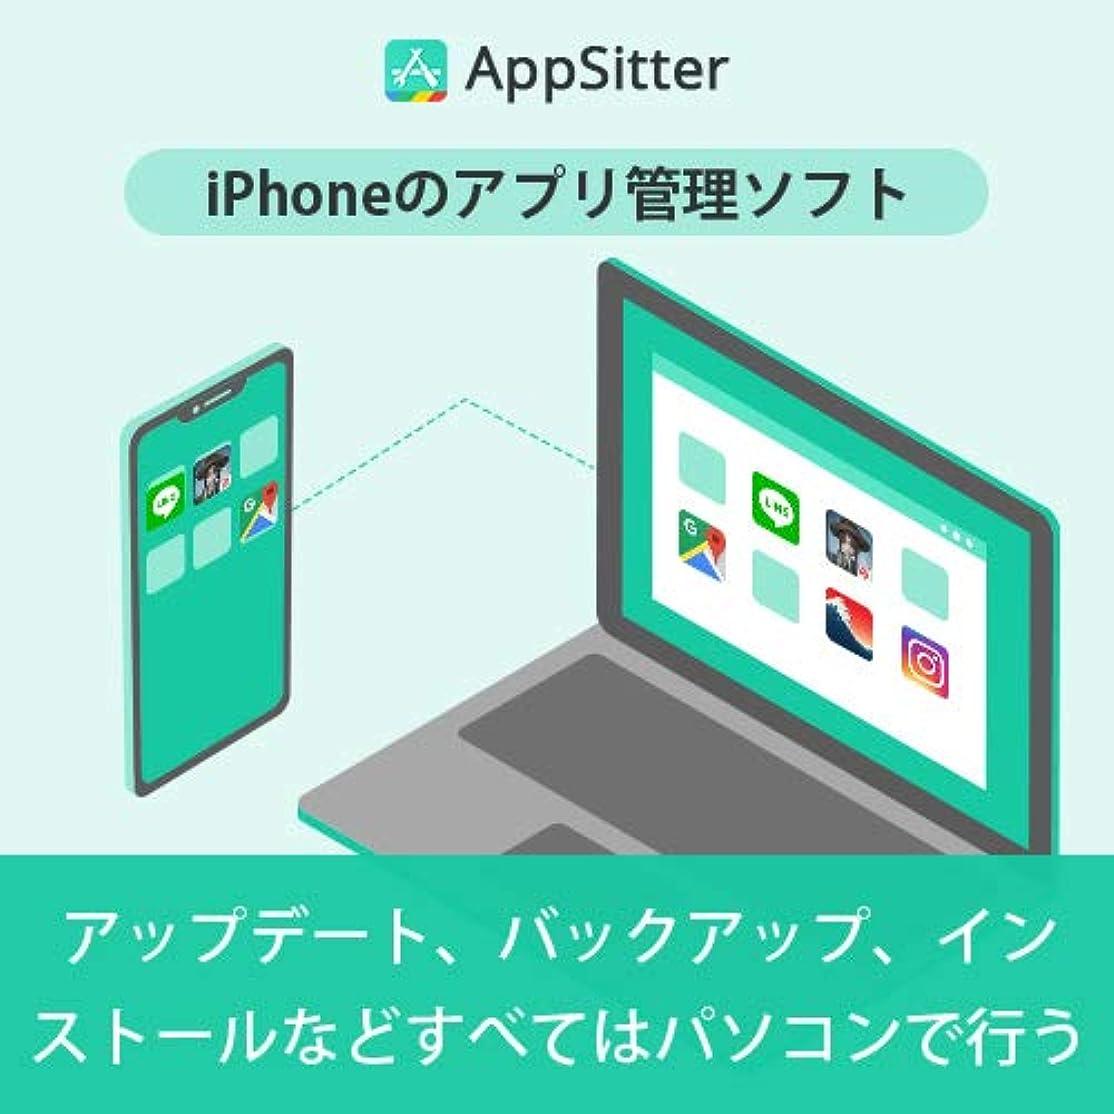 出席エンジニアケーブル【無料版】 AppSitter for Mac【iPhone、iPad のアプリをパソコンの画面から効率管理! アプリのダウンロード保存、ホーム画面の管理にも】|ダウンロード版